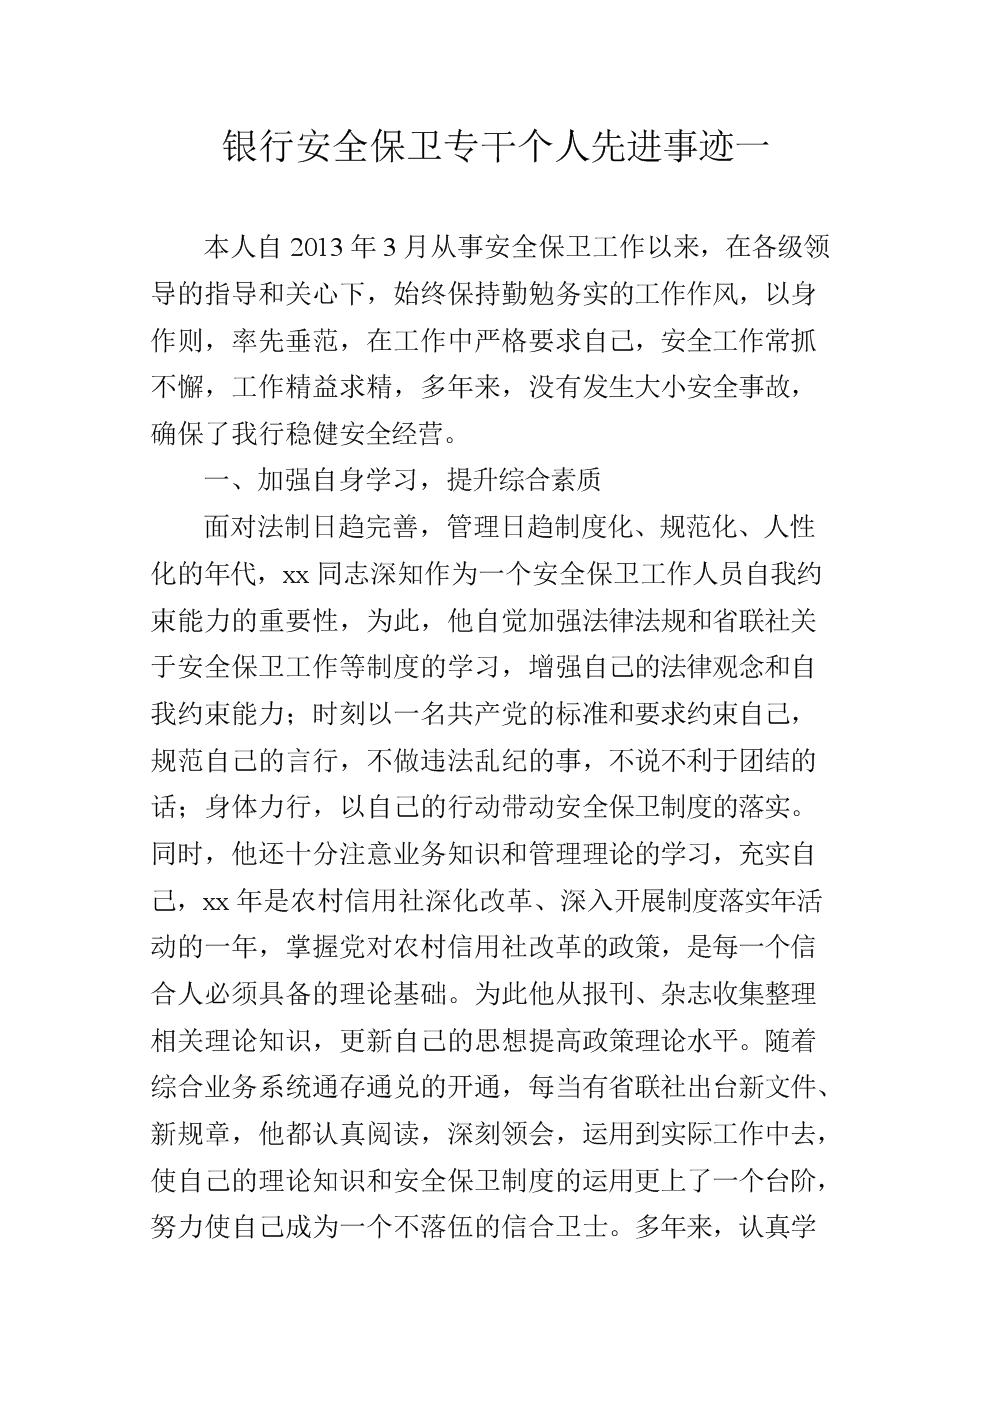 银行安全保卫专干先进个人事迹材料(2篇).doc